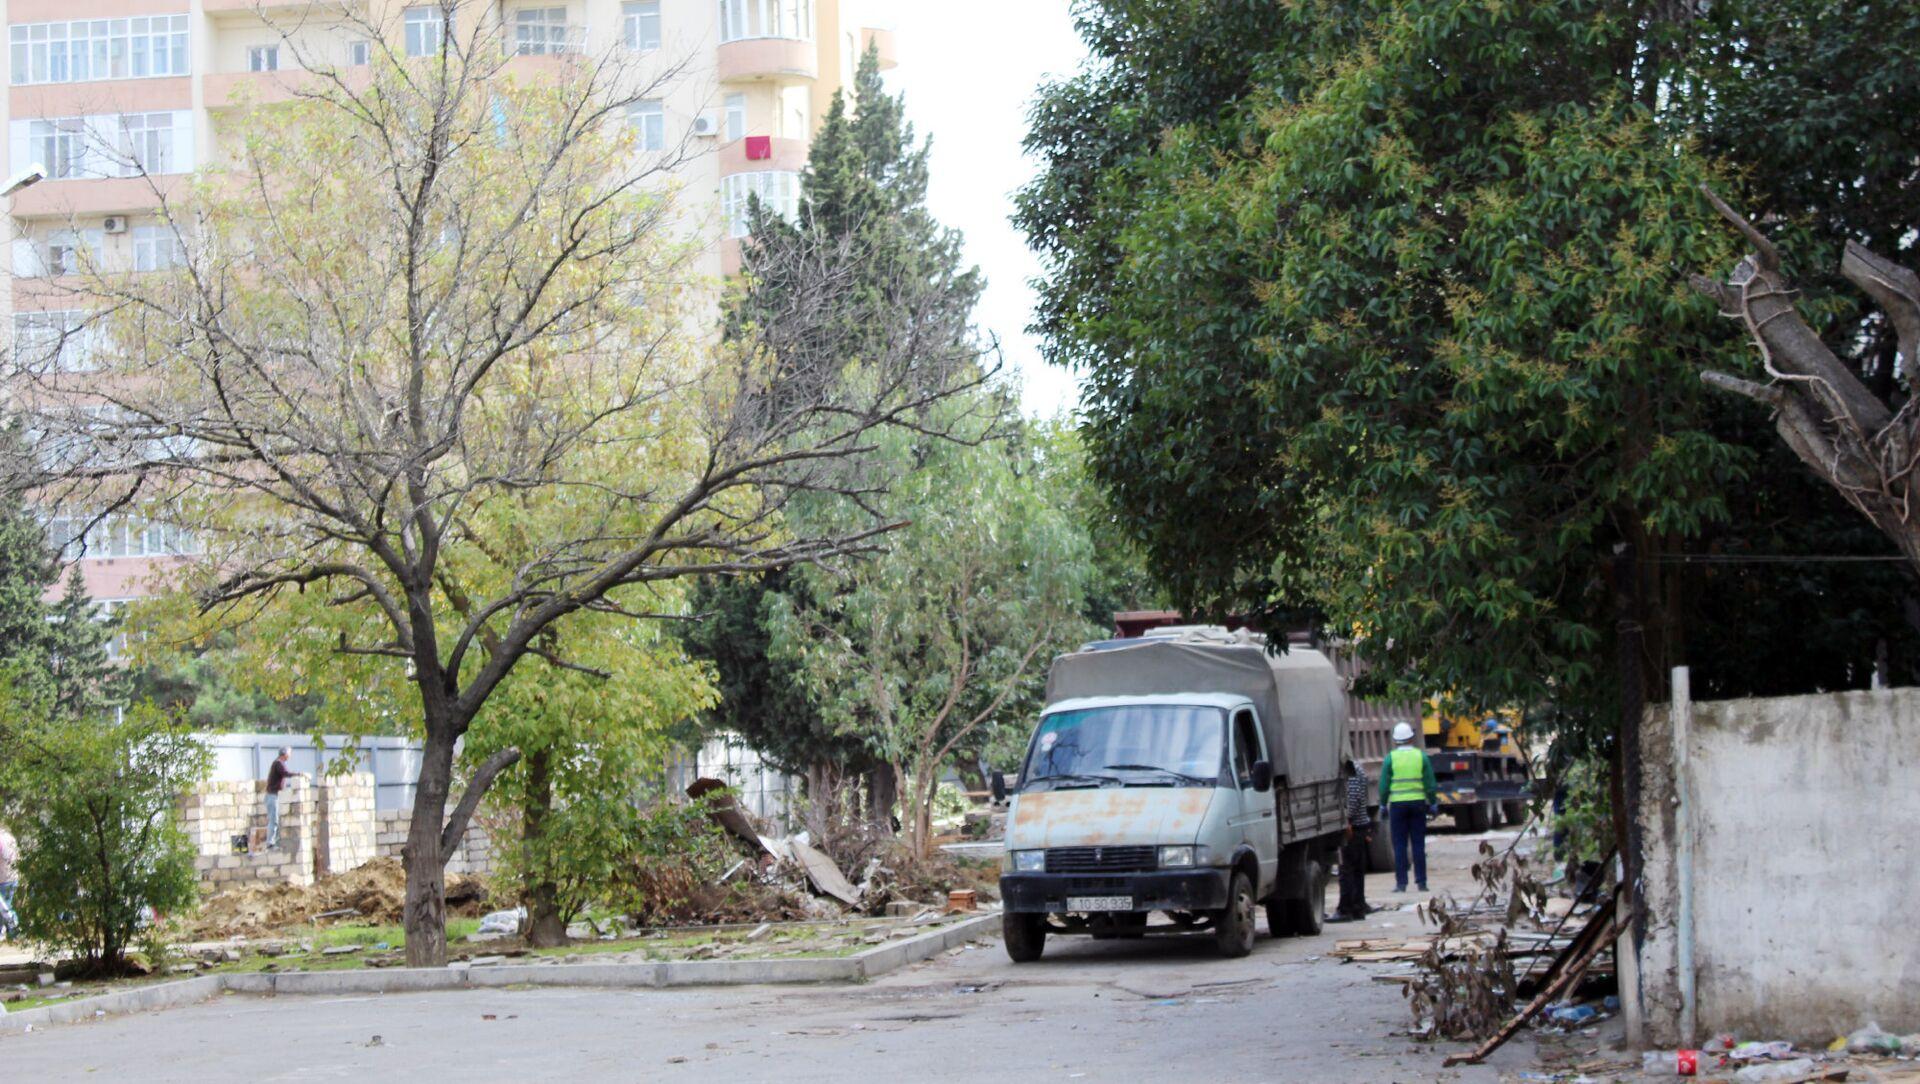 Вырубка деревьев возле станции метро Иншаатчылар по улице Шарифзаде, 162 - Sputnik Азербайджан, 1920, 02.03.2021